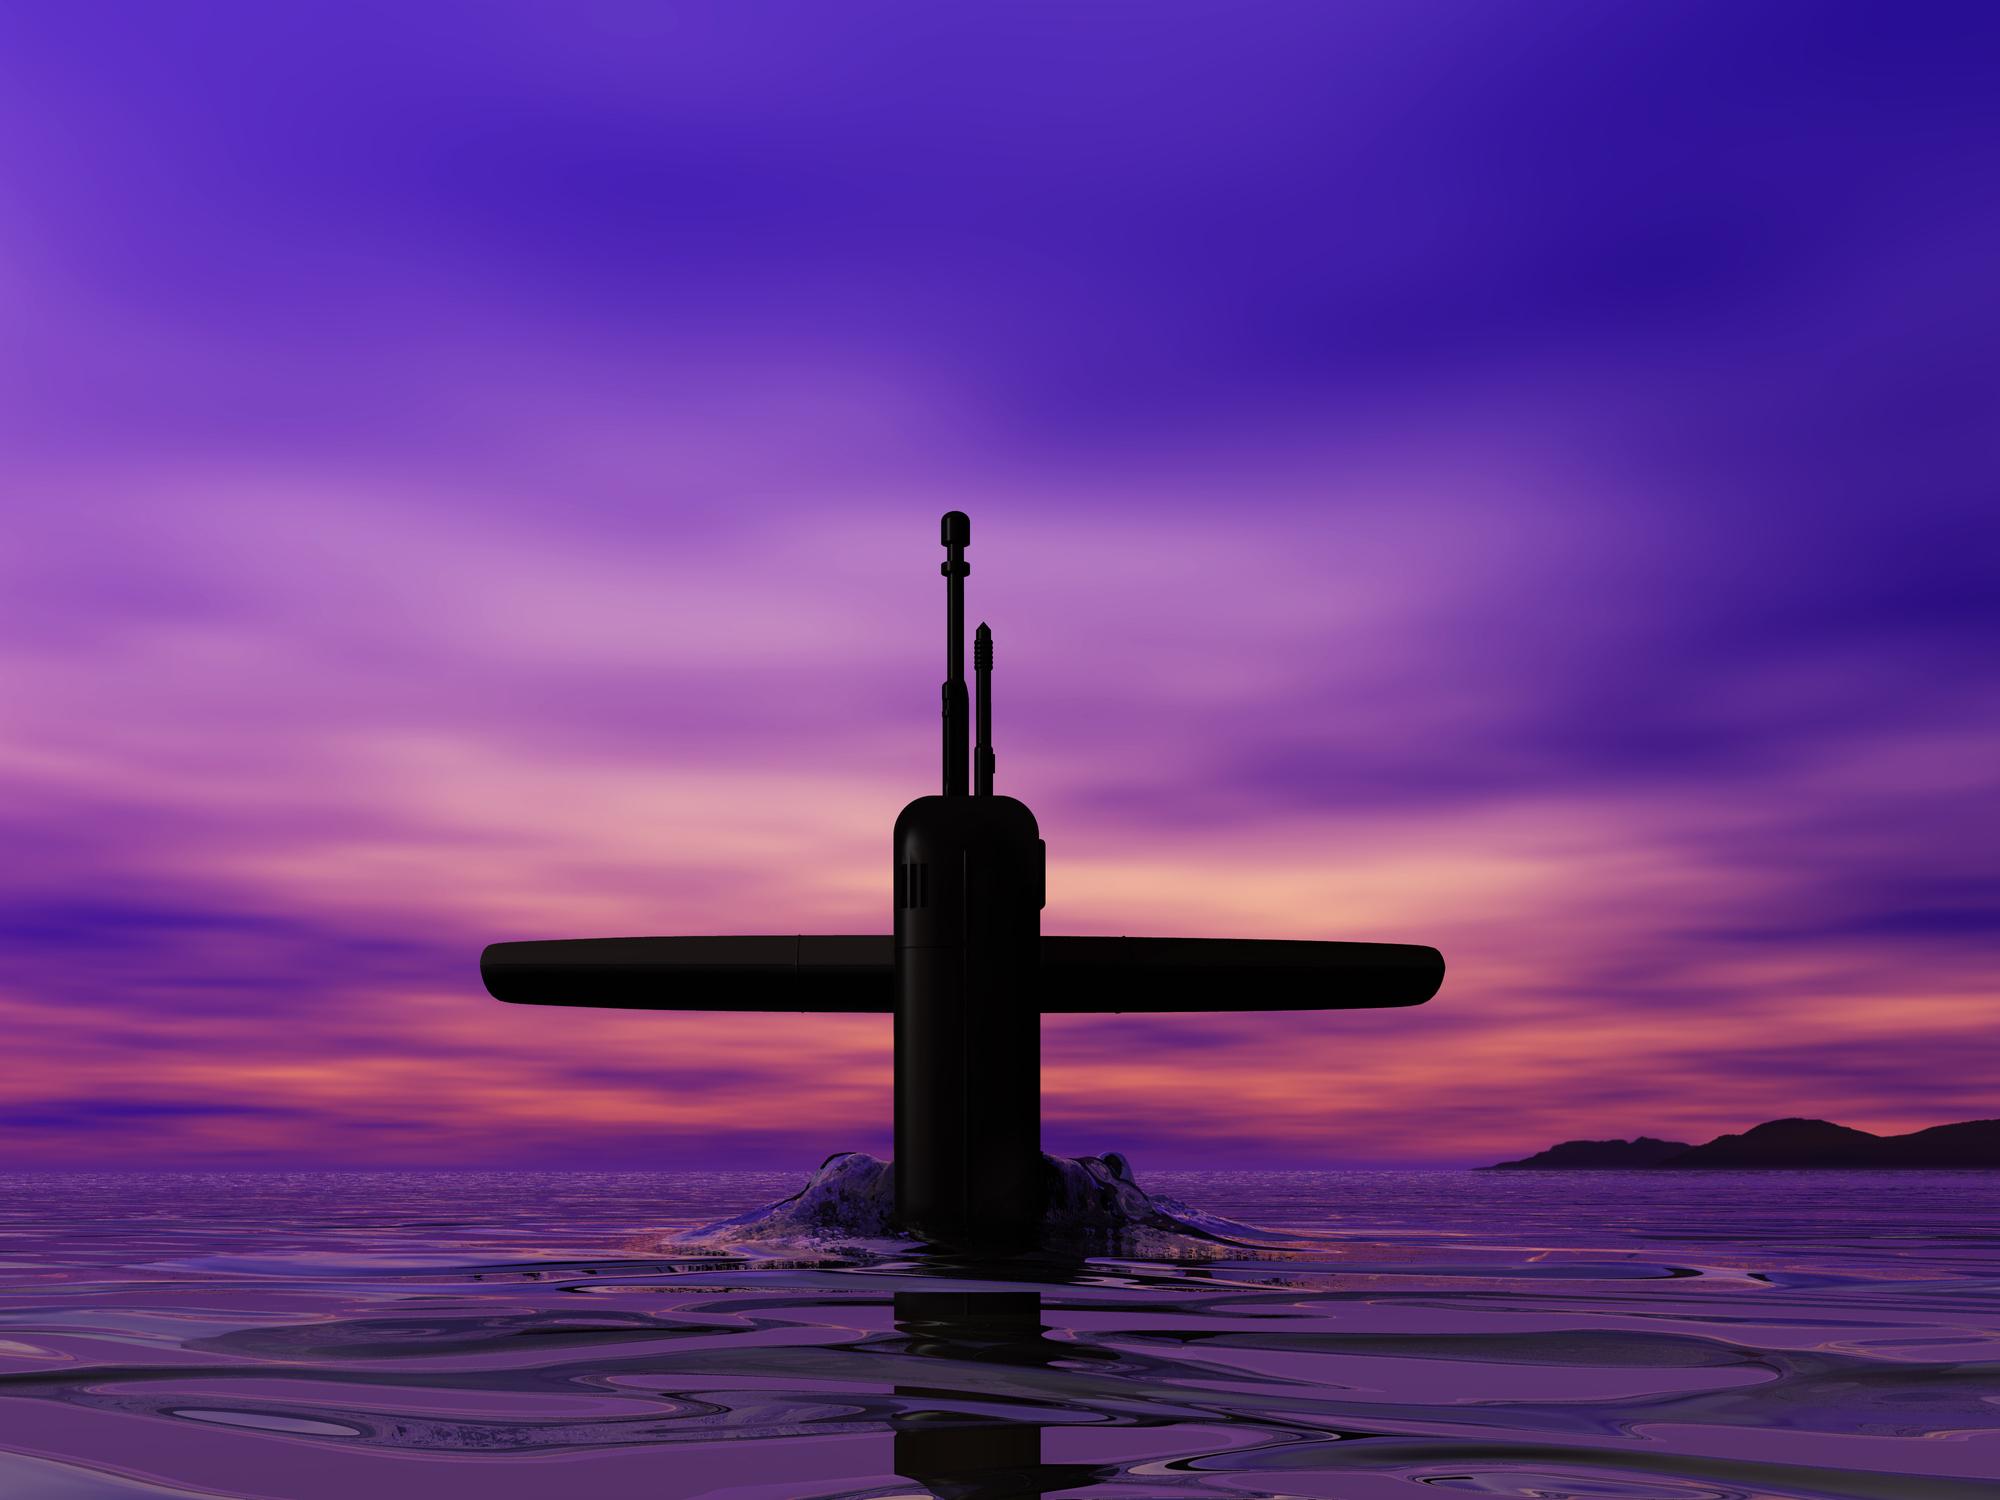 Submarine – dawn at sea